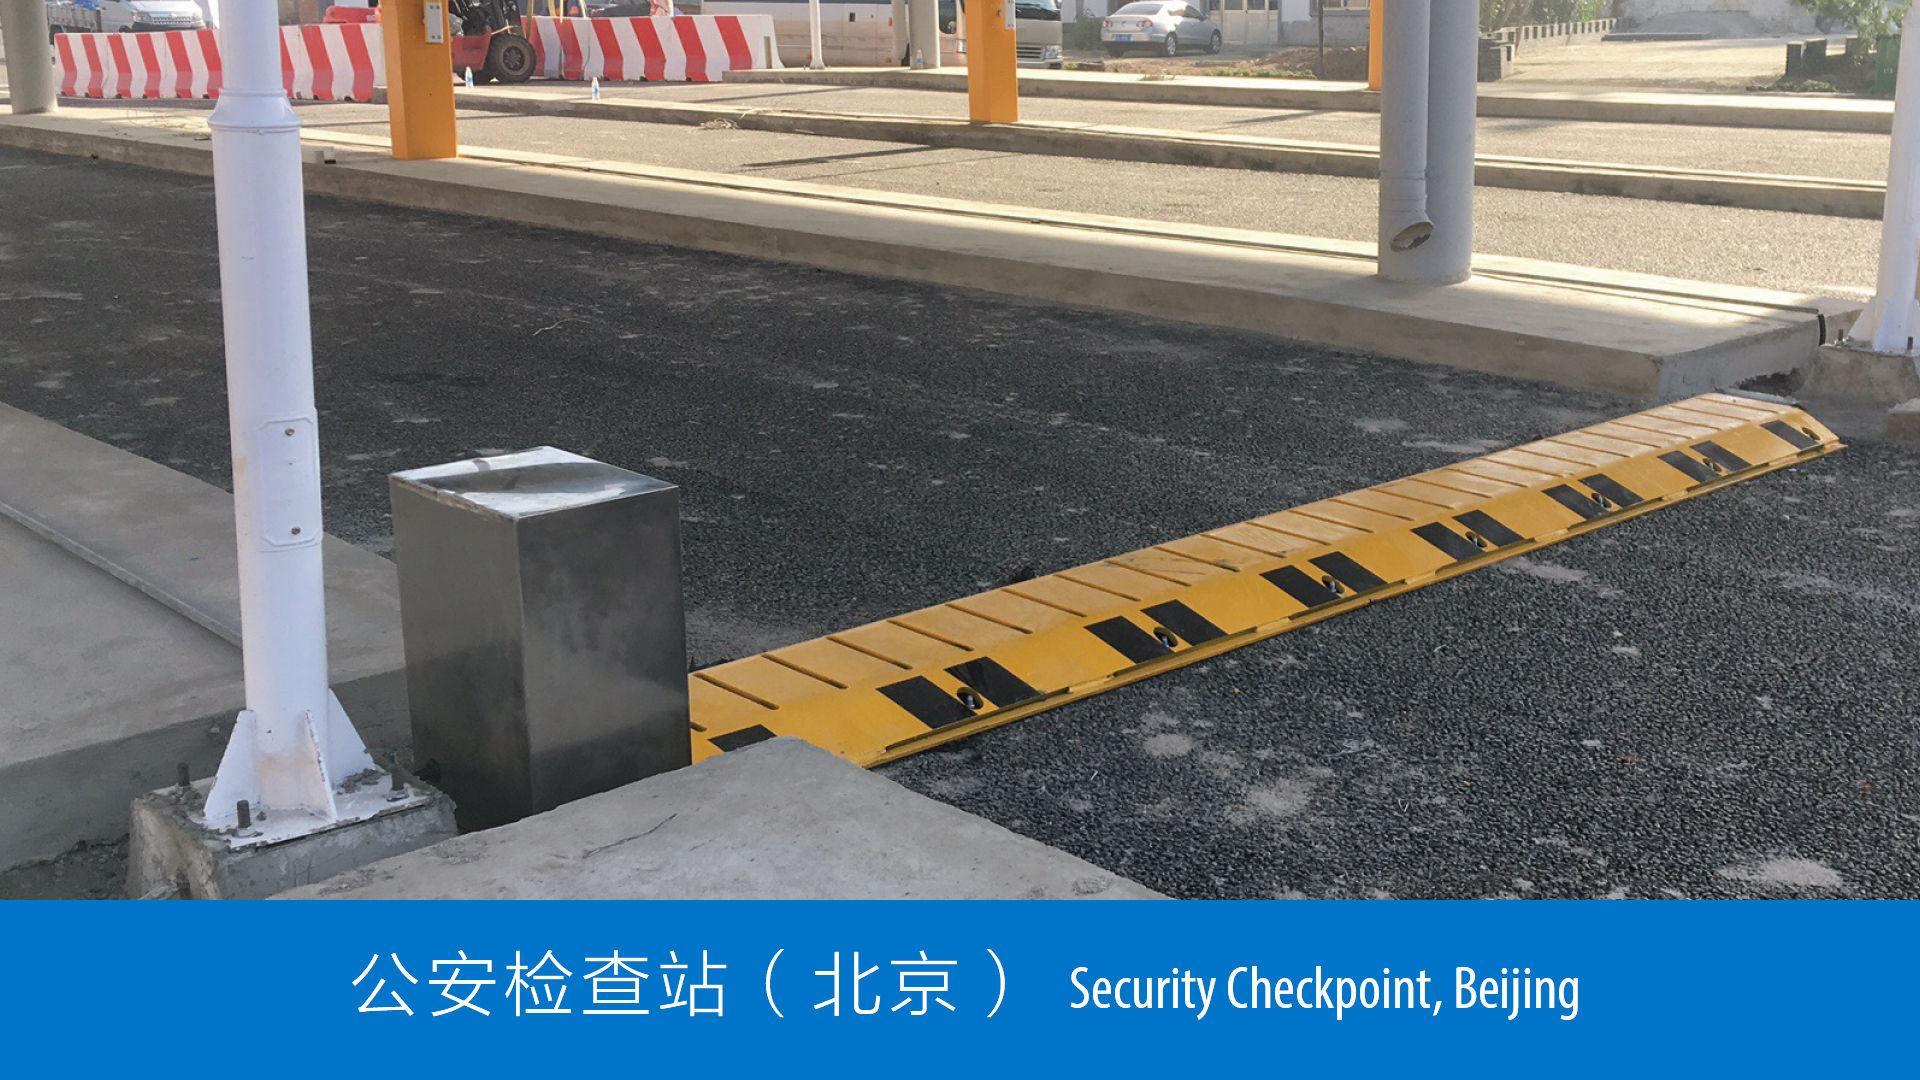 Punto de control de seguridad - Beijing